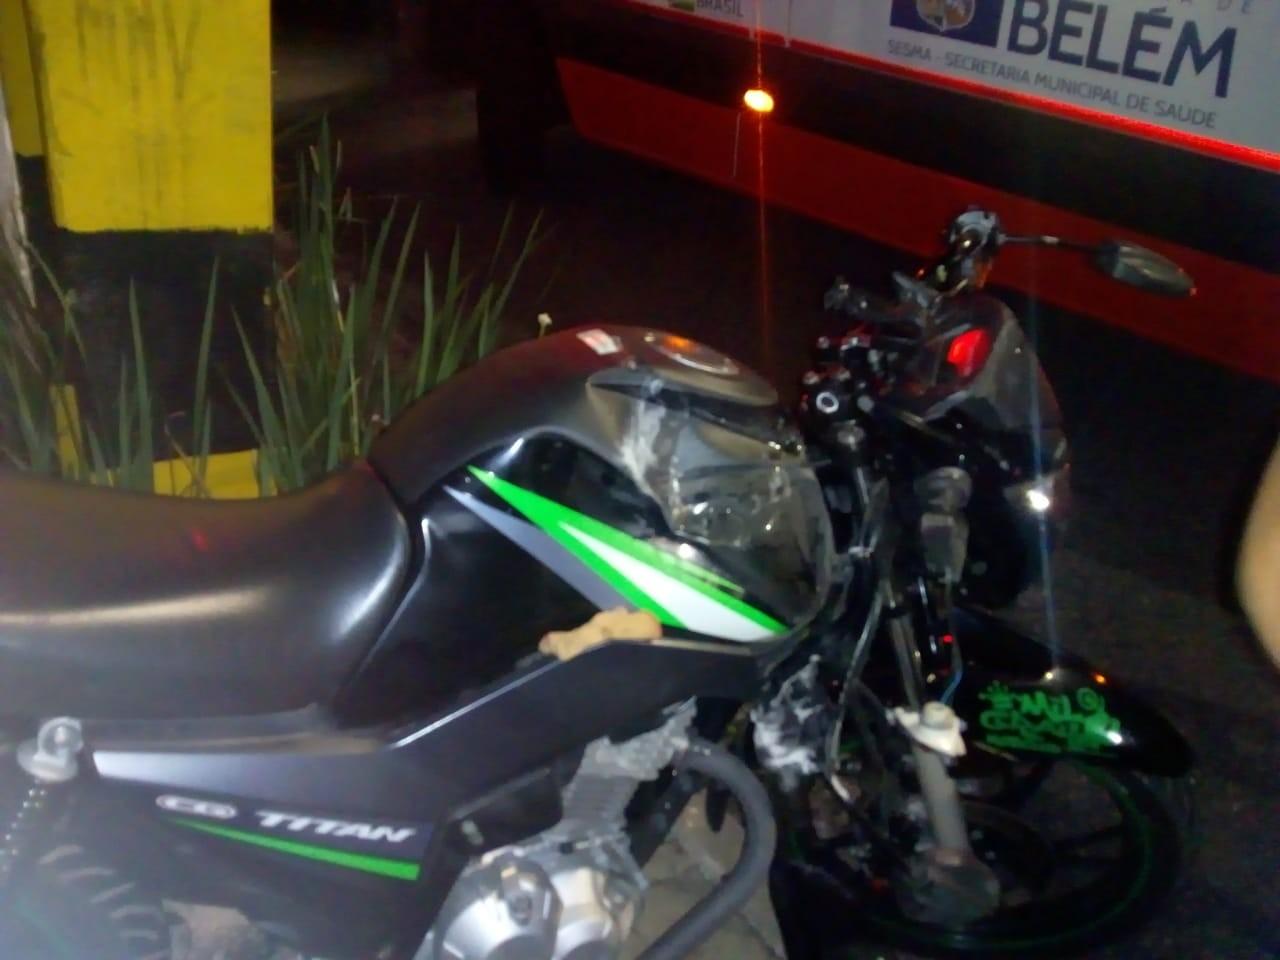 Motociclista é arremessado de veículo em acidente no Reduto, em Belém